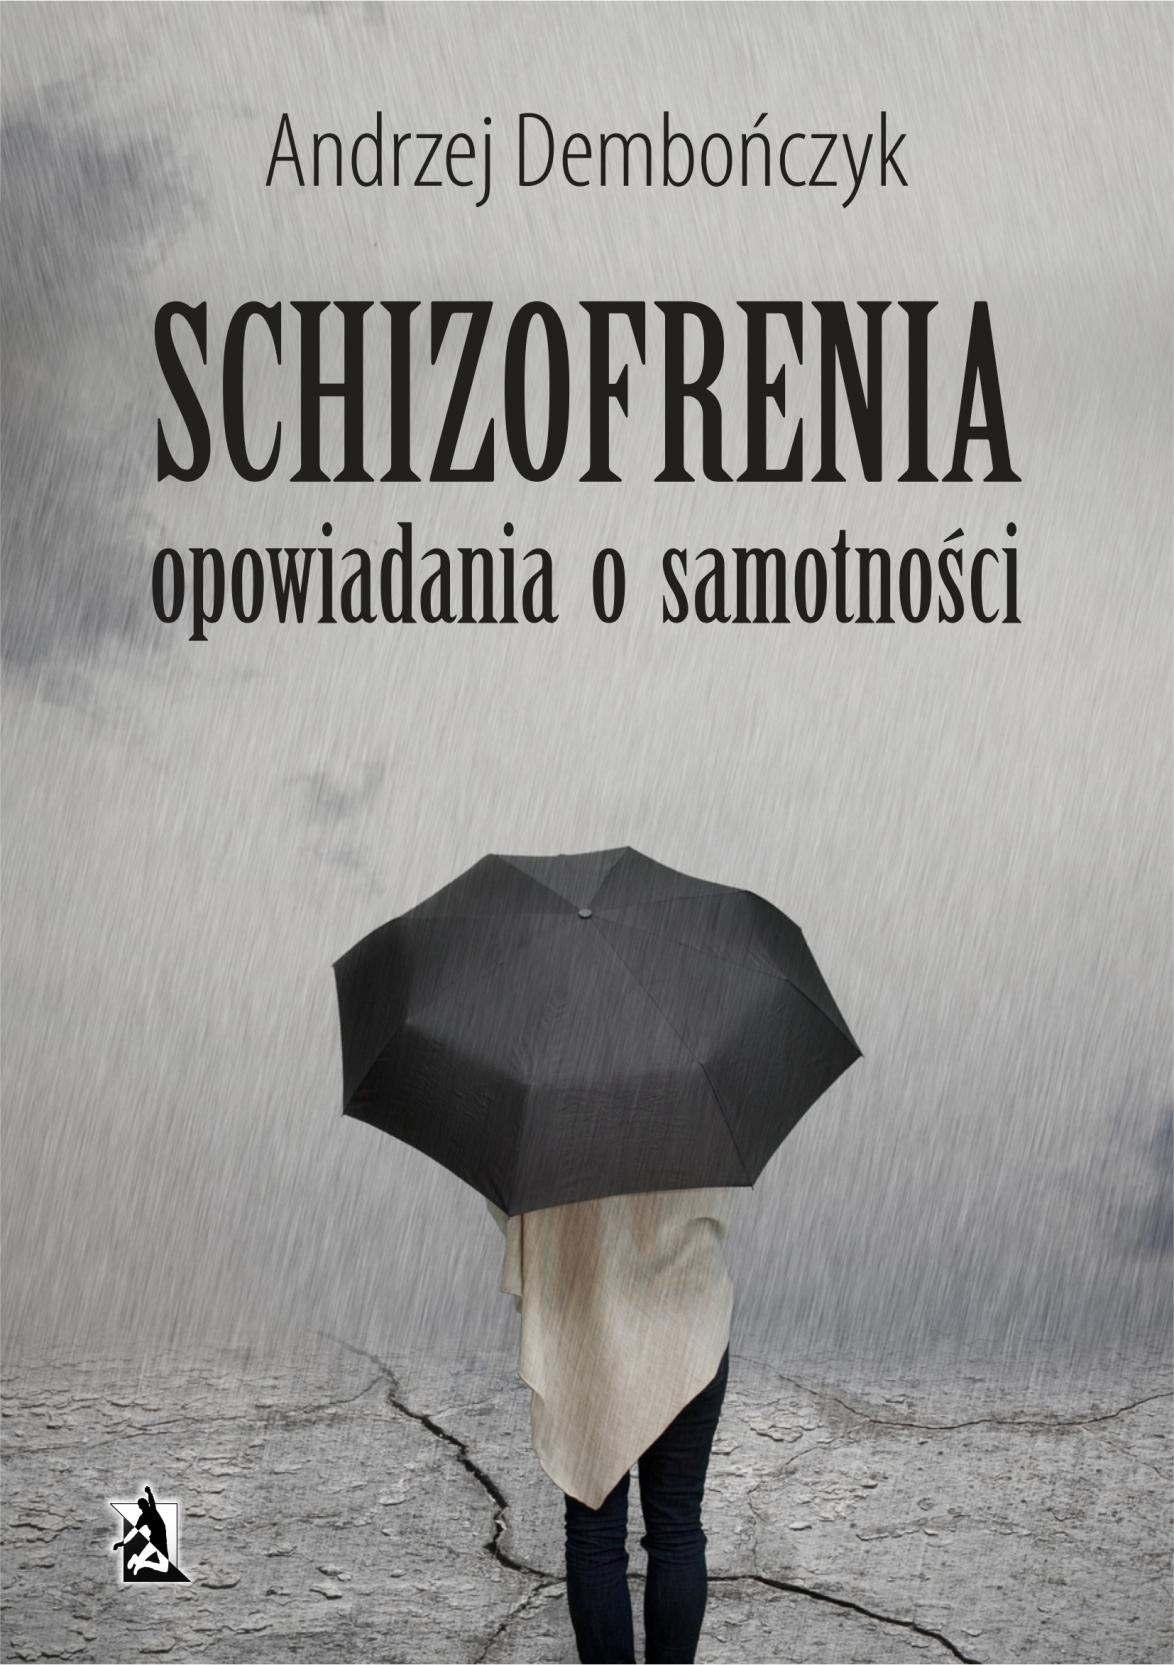 SCHIZOFRENIA opowiadania o samotności - Ebook (Książka EPUB) do pobrania w formacie EPUB